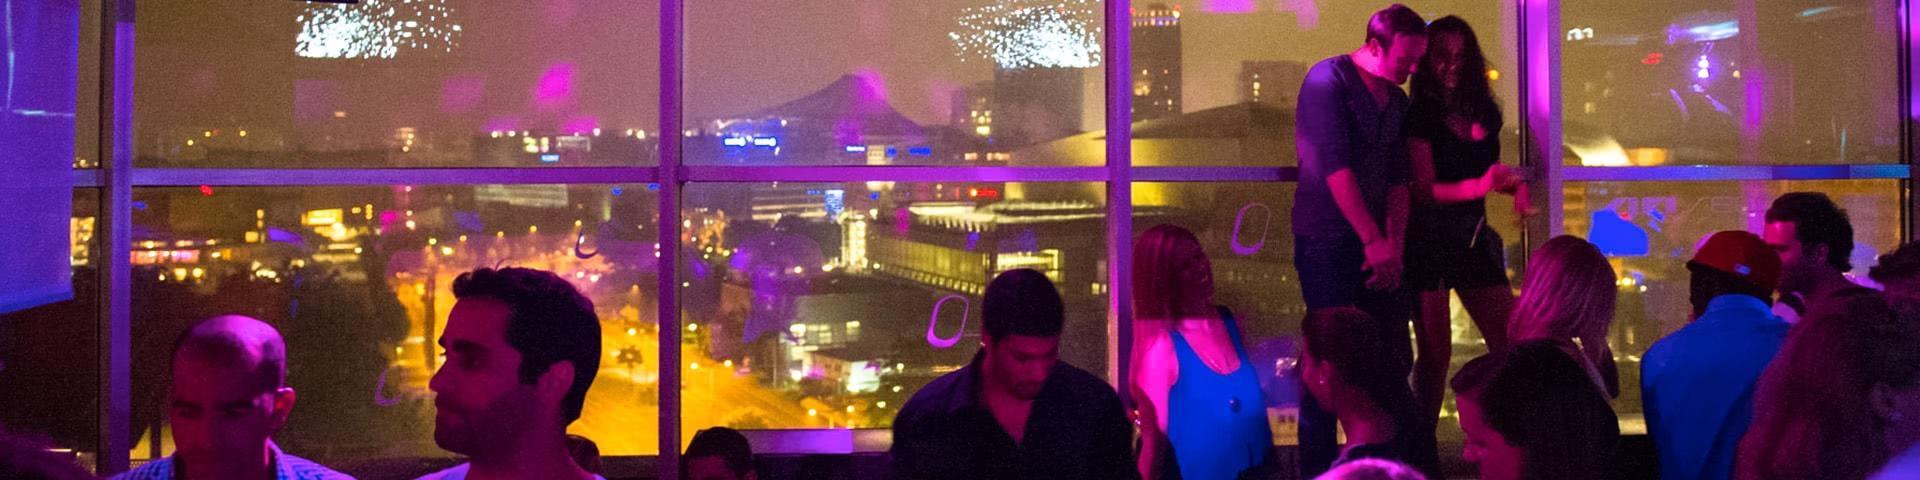 Feiernde Menschen im 40 Sec Club in Berlin